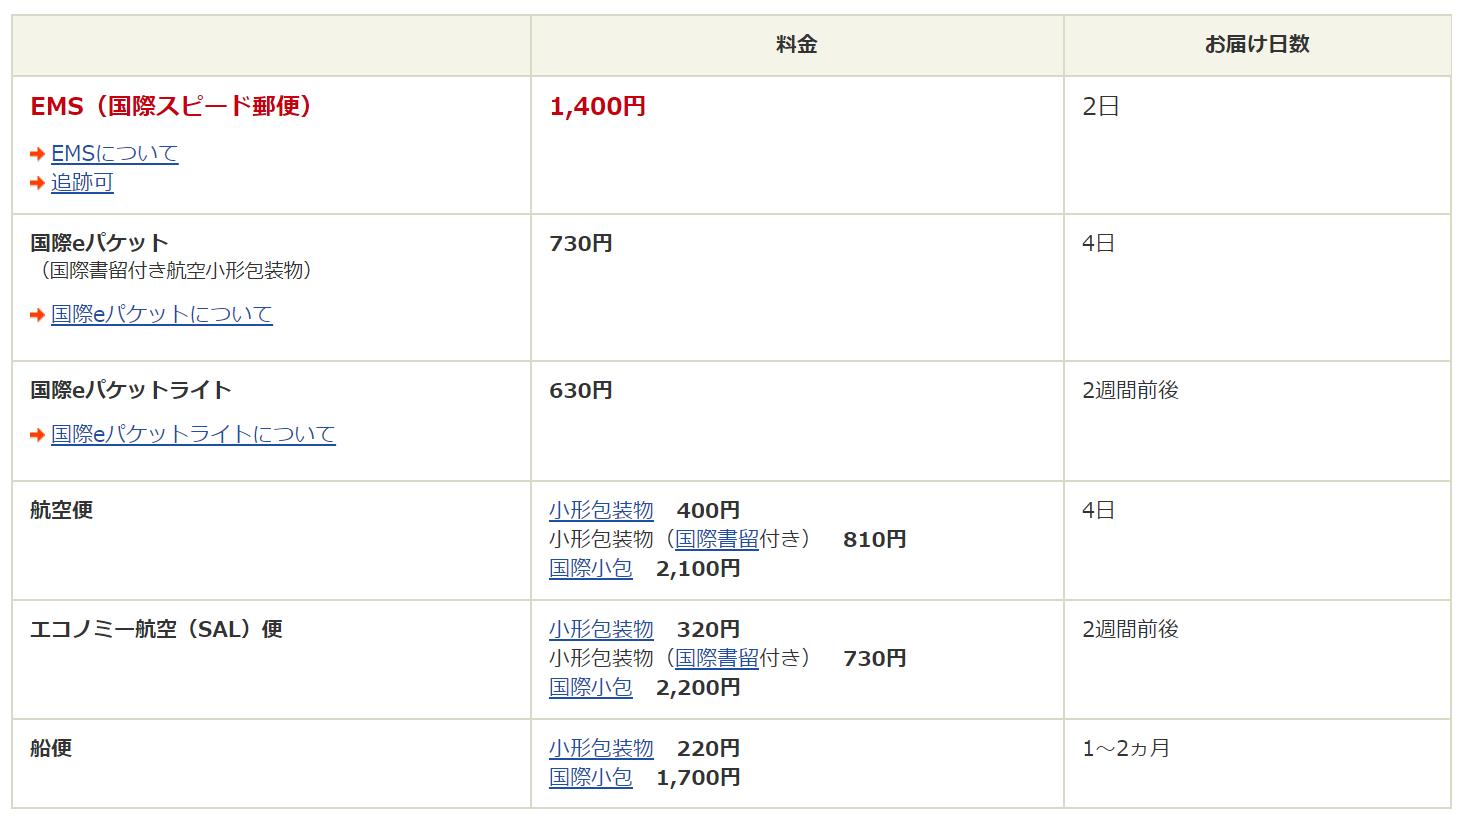 日本からシンガポールへ小包料金と日数比較